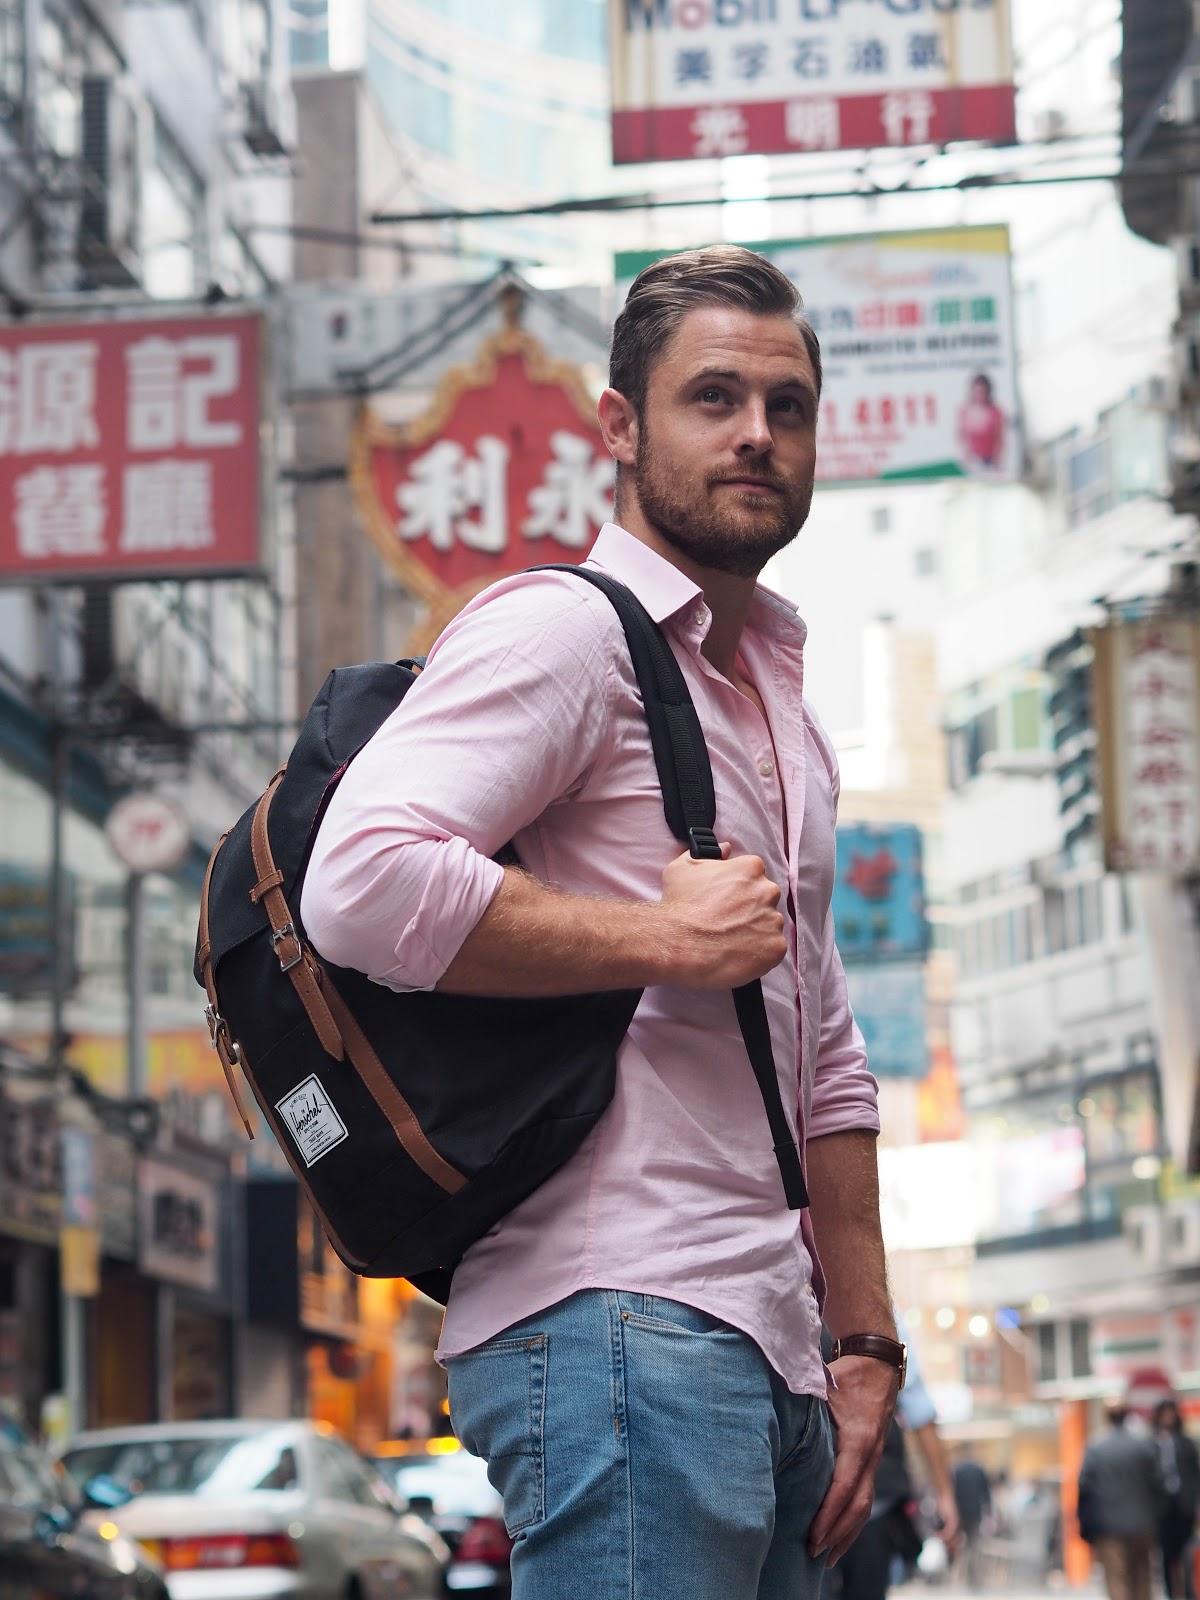 Herschel in Hong Kong